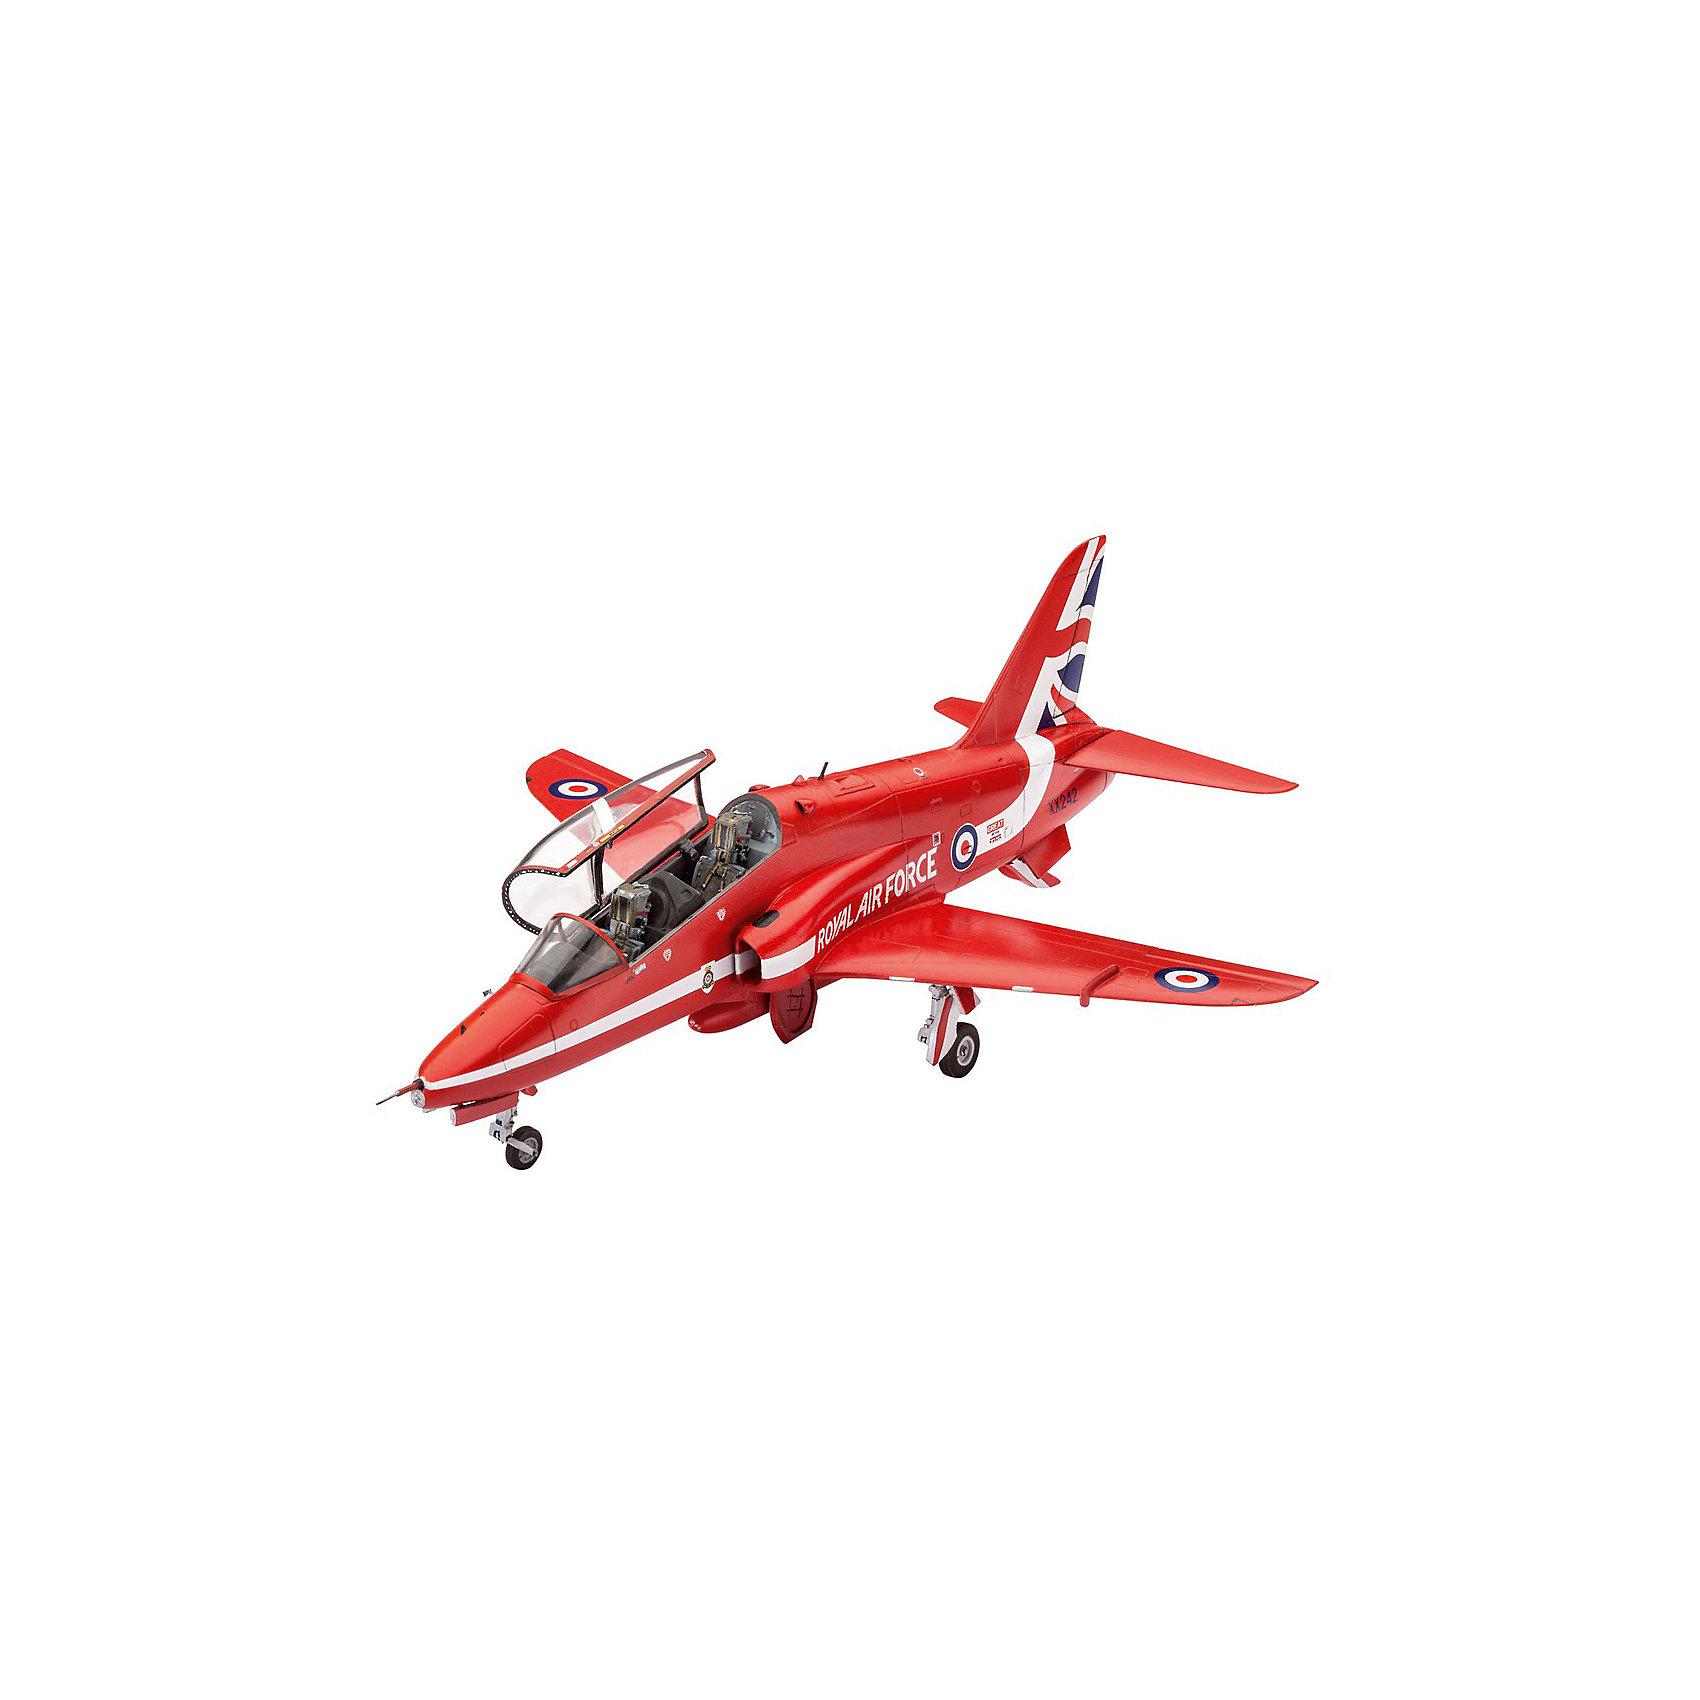 """Легкий штурмовик Hawk T1 Red ArrowsМодели для склеивания<br>Сборная модель  самолета Hawk T1 Red Arrows. Легкий штурмовик в цветах британской пилотажной группы """"Красные стрелы"""". Подразделение было образовано в 1965 году. А в конце 1979 пилотами """"Красных стрел"""" впервые были использованы самолеты Hawk T1. На этих машинах группа летает до сих пор. <br>Масштаб модели 1:72. В наборе 70 деталей для сборки самолета. В том числе элементы из прозрачного пластика. Длина модели 16,1 сантиметров. Размах крыльев 13 сантиметров. <br>Декаль для версии самолета: <br>BAe Systems Hawk T.1, Royal Air Force Aerobatic Team, The Red Arrows , RAF Scampton, England, март 2015 года. <br>Модель рекомендуется для взрослых и детей от 10 лет. <br>Внимание! Расходные материалы (клей и краска) приобретаются отдельно.<br><br>Ширина мм: 9999<br>Глубина мм: 9999<br>Высота мм: 9999<br>Вес г: 9999<br>Возраст от месяцев: 120<br>Возраст до месяцев: 2147483647<br>Пол: Мужской<br>Возраст: Детский<br>SKU: 7122354"""